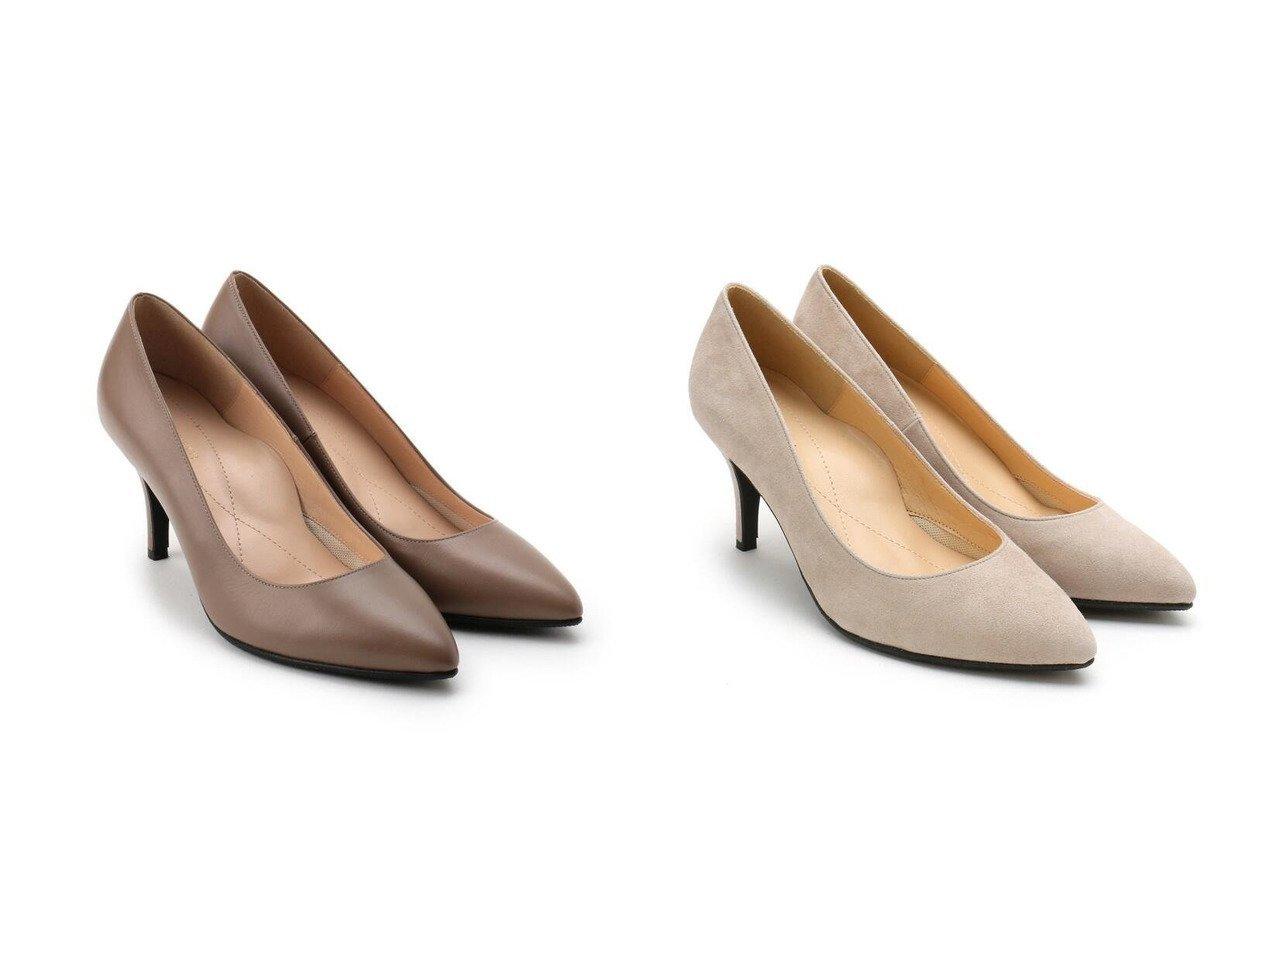 【UNTITLED/アンタイトル】の【抗菌防臭】ドレッサーパンプス(7.5cmヒール) シューズ・靴のおすすめ!人気、レディースファッションの通販 おすすめで人気のファッション通販商品 インテリア・家具・キッズファッション・メンズファッション・レディースファッション・服の通販 founy(ファニー) https://founy.com/ ファッション Fashion レディース WOMEN アーモンドトゥ 抗菌 シューズ リアル  ID:crp329100000001580